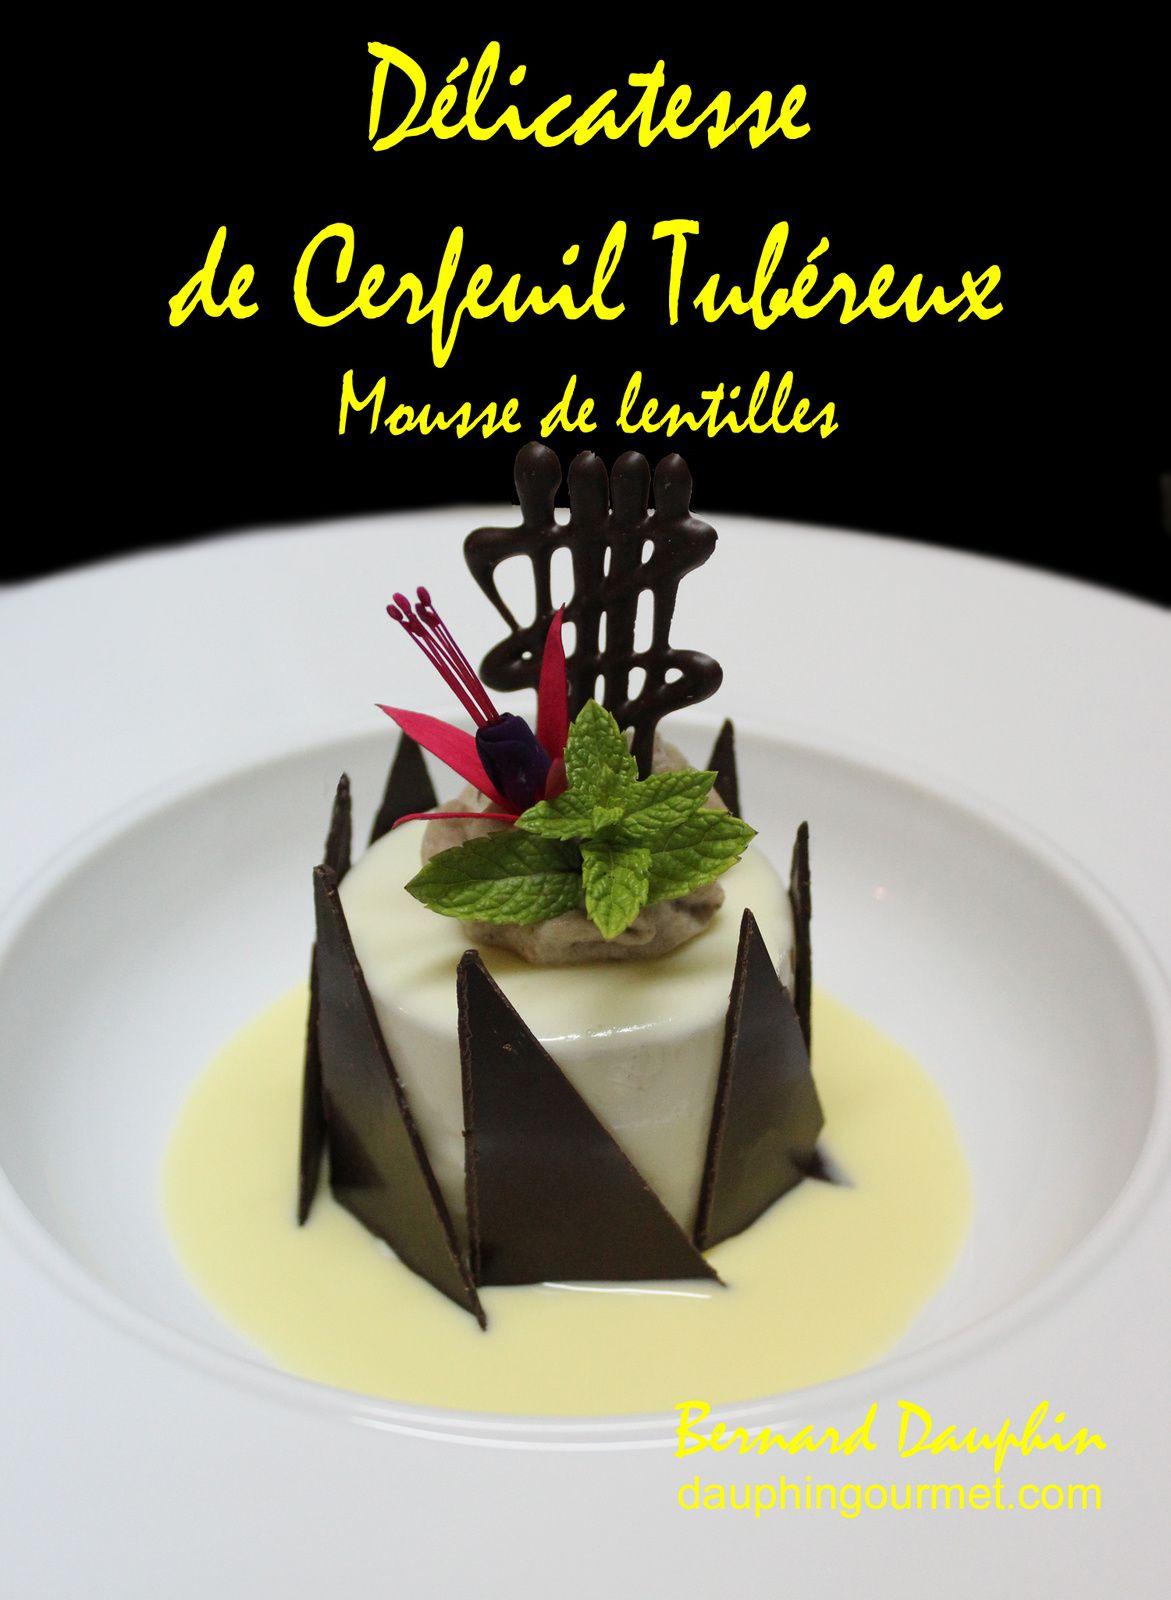 DELICATESSE DE CERFEUIL TUBEREUX, MOUSSE AUX LENTILLES